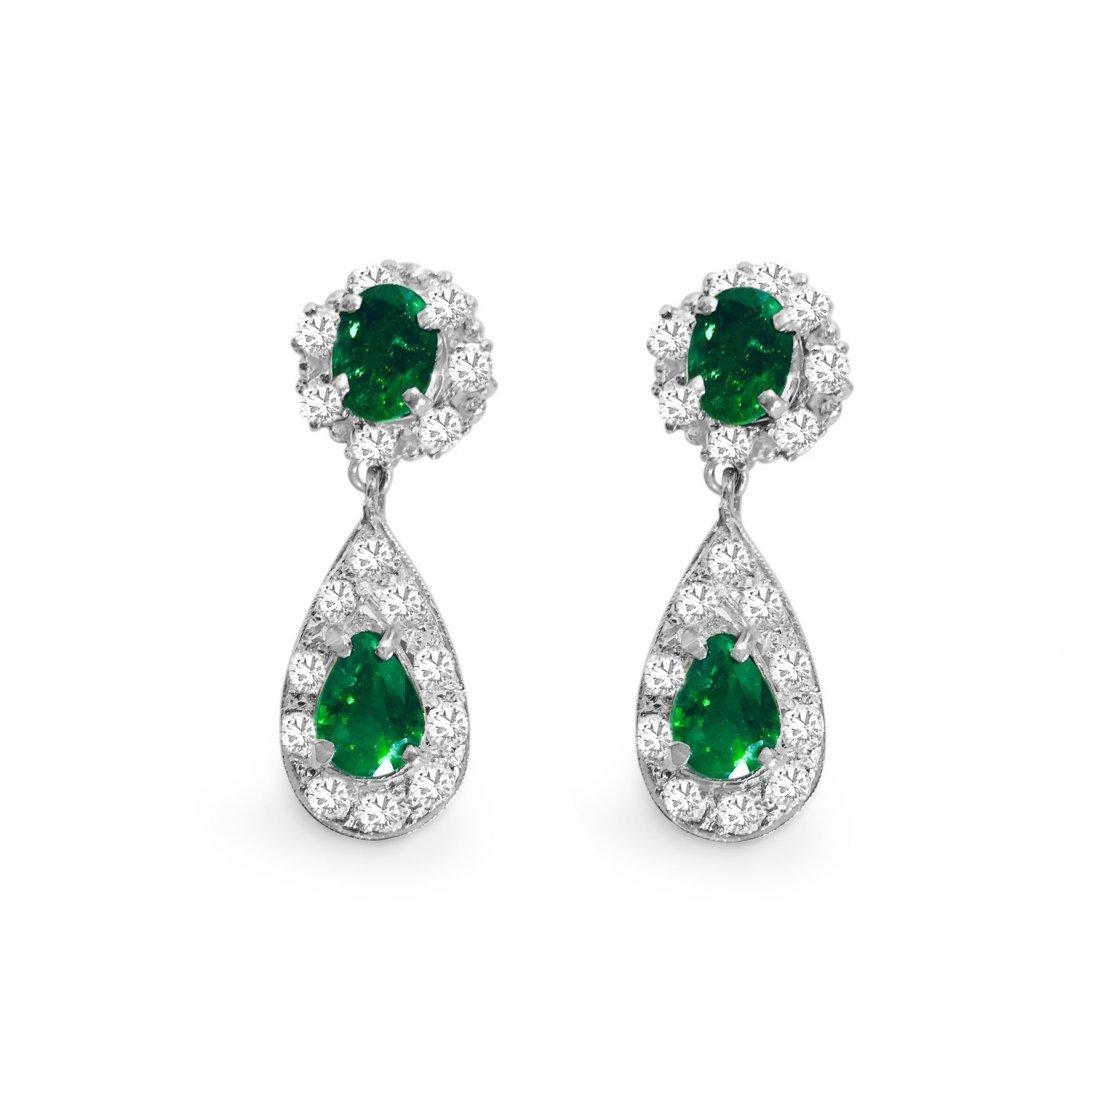 18k Gold, 10 CARAT Diamond & Colombian Emerald earrings